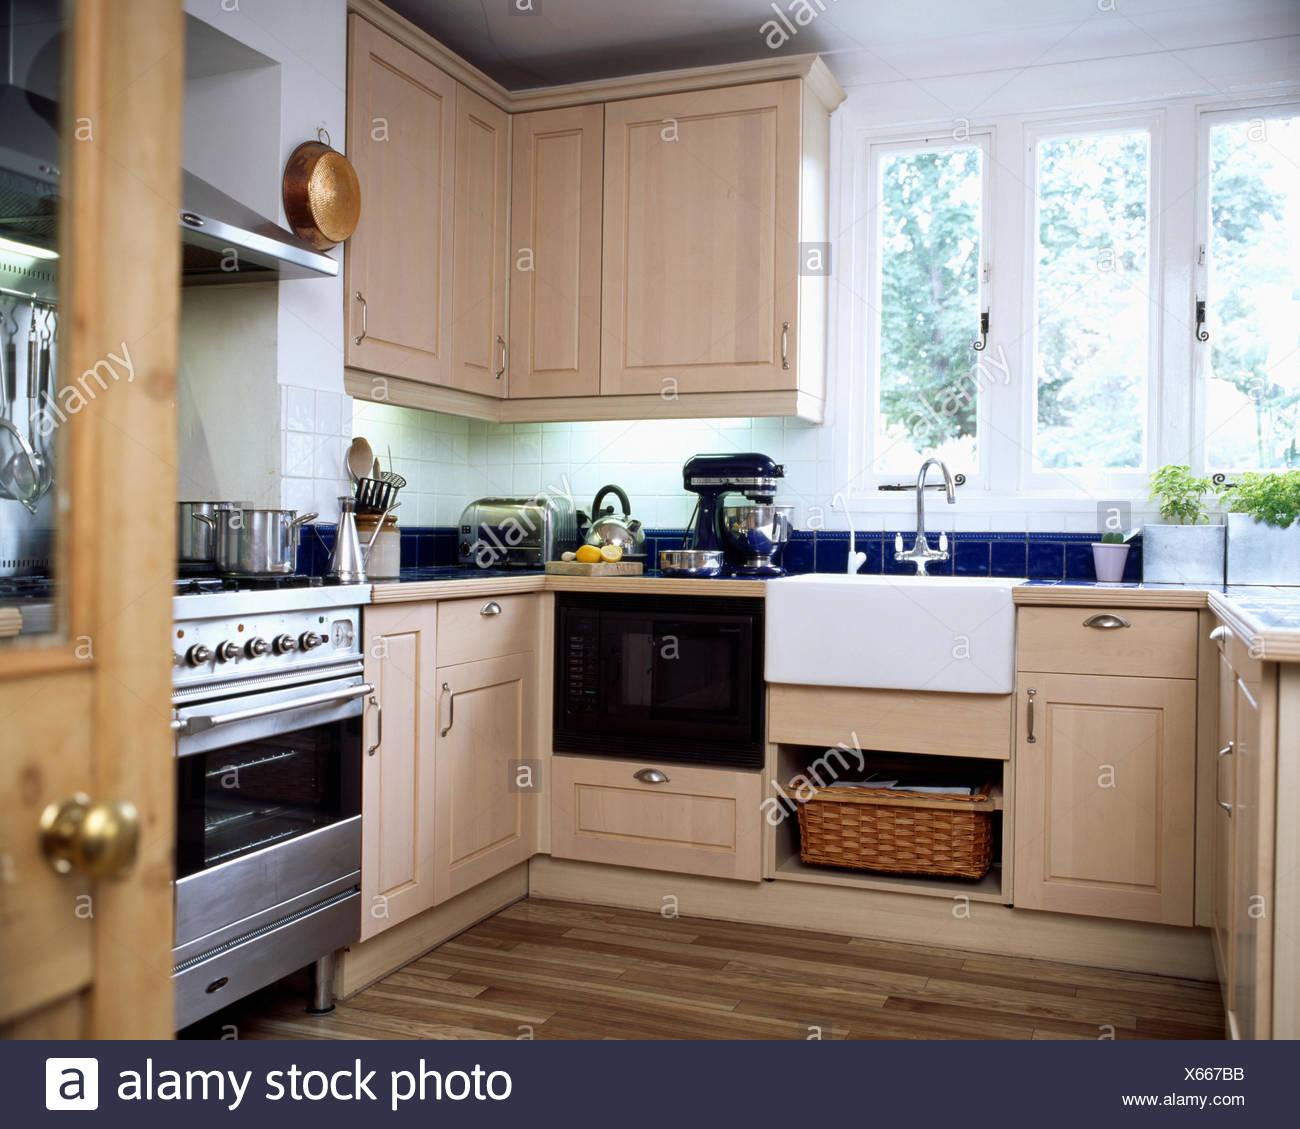 Belfast Lavello Sotto Finestra Nella Cucina Moderna Con Legno Chiaro